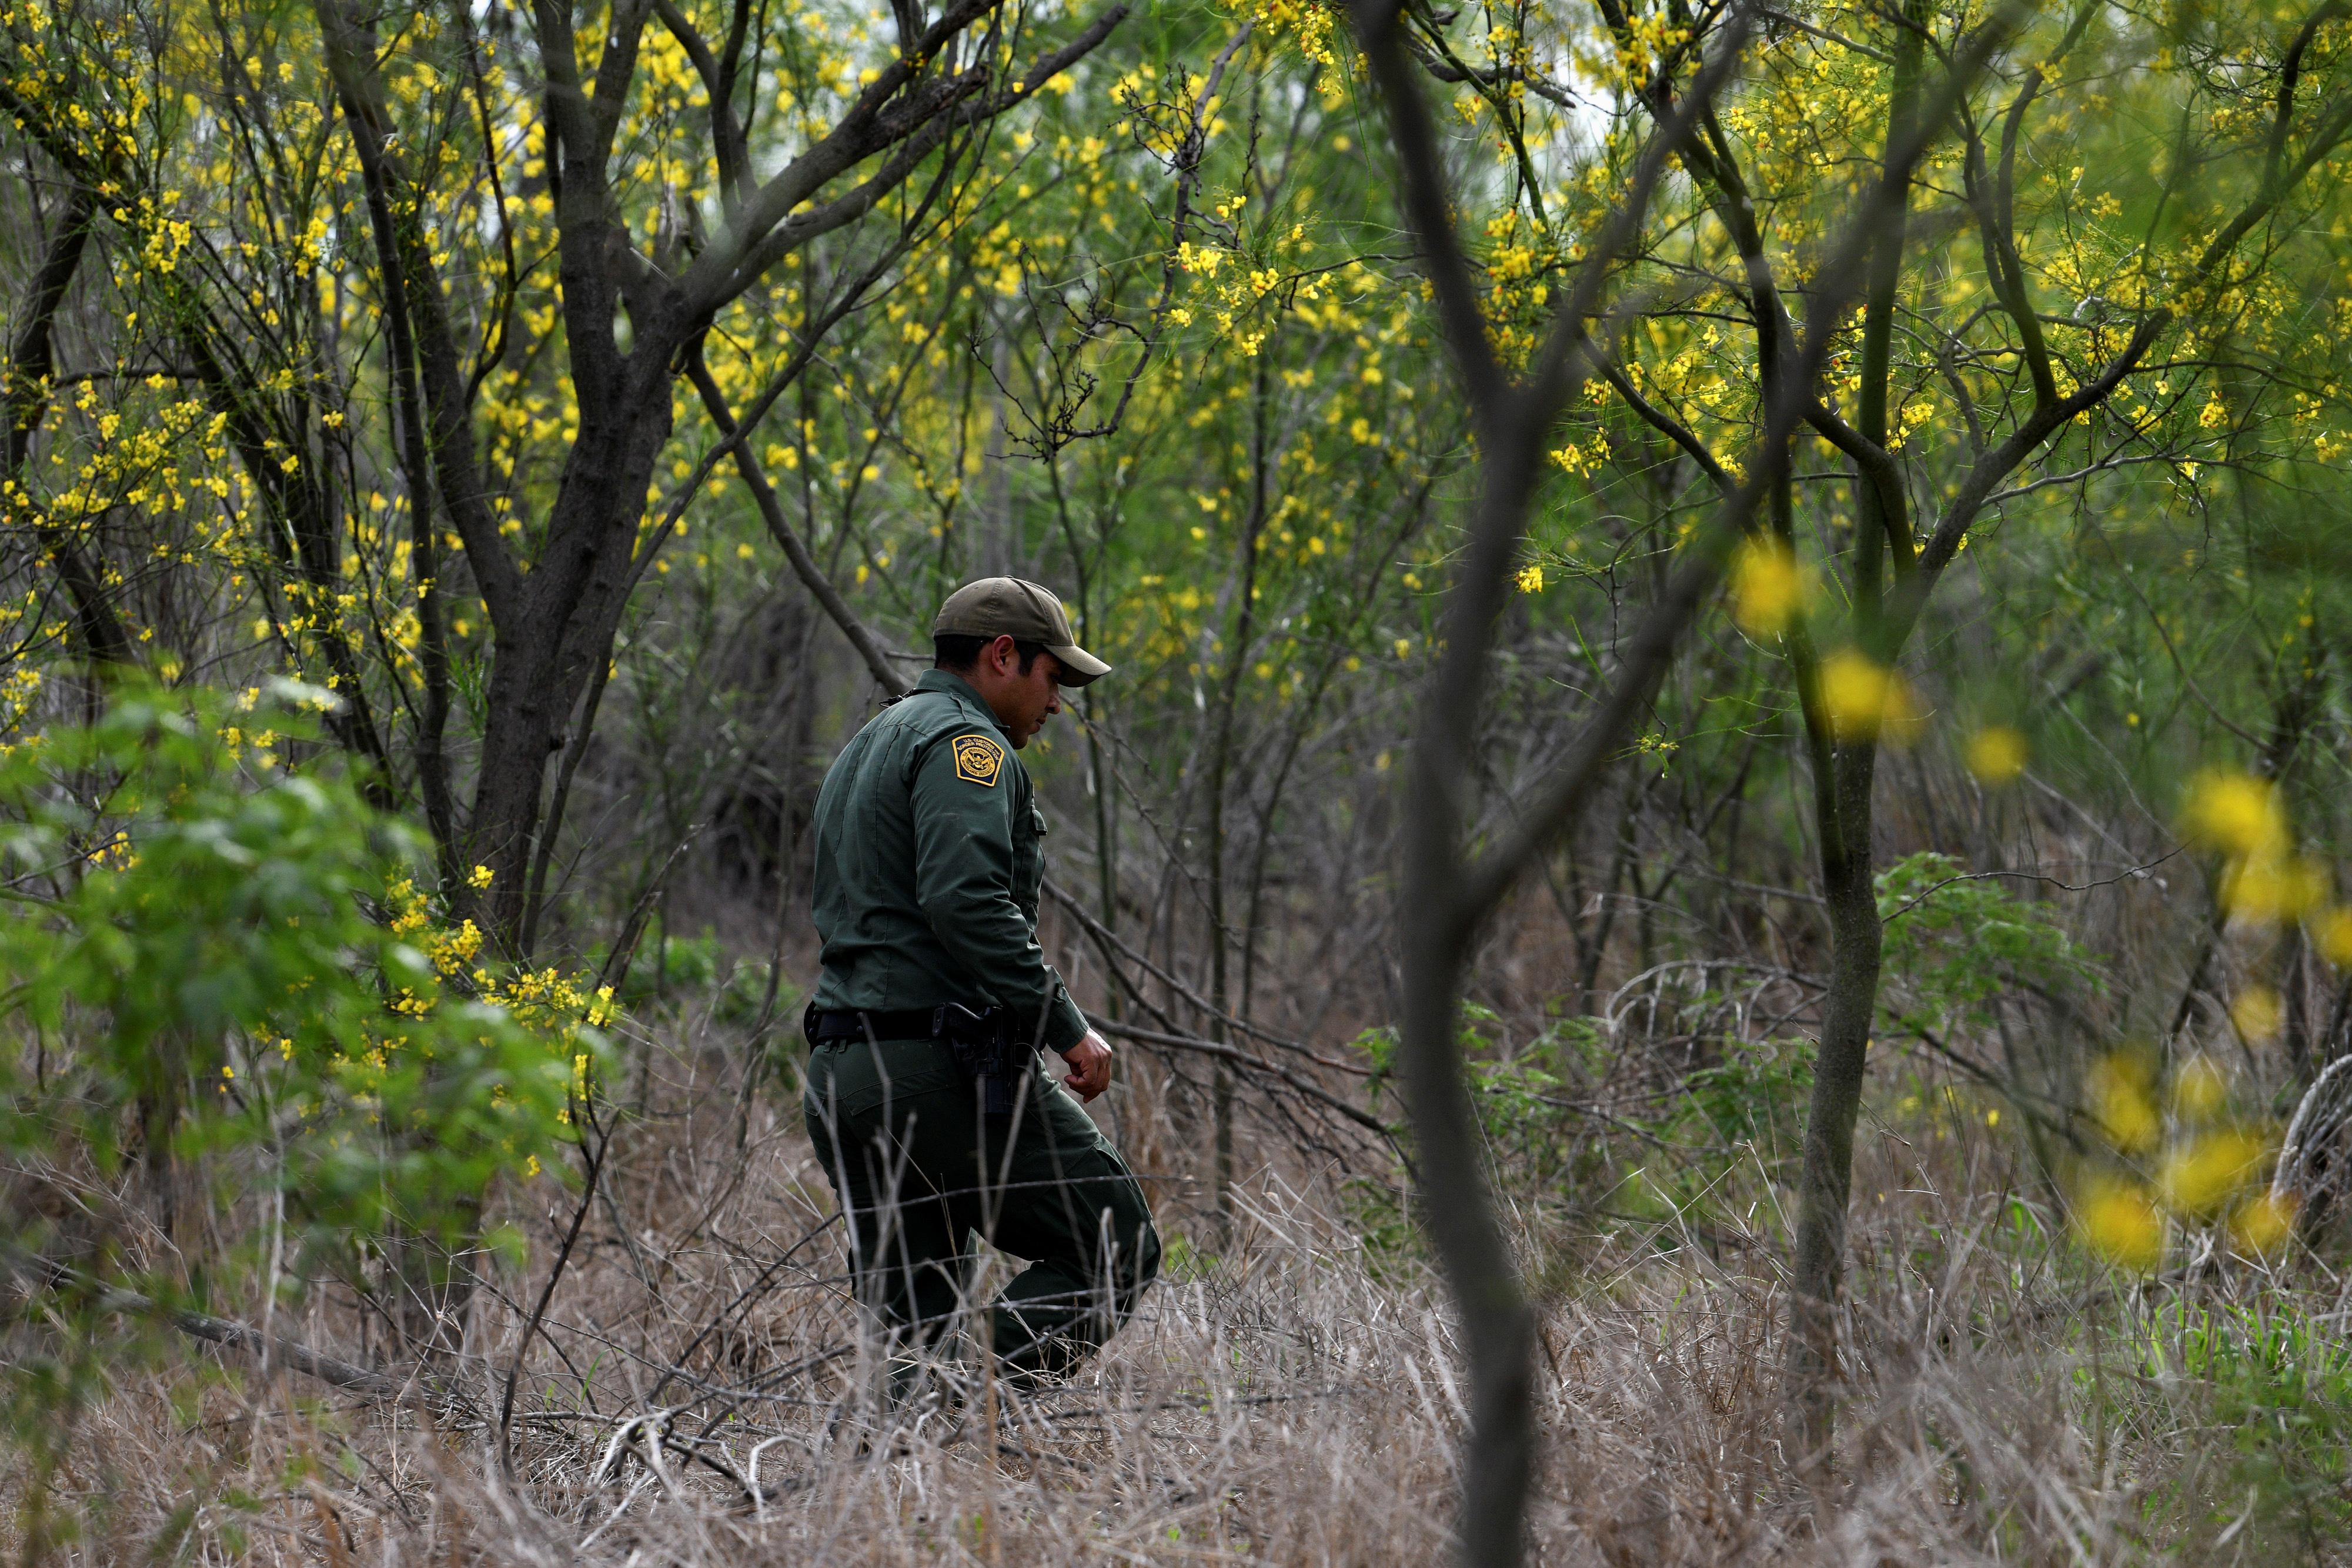 تمشيط للحدود الأمريكية - المكسيكية